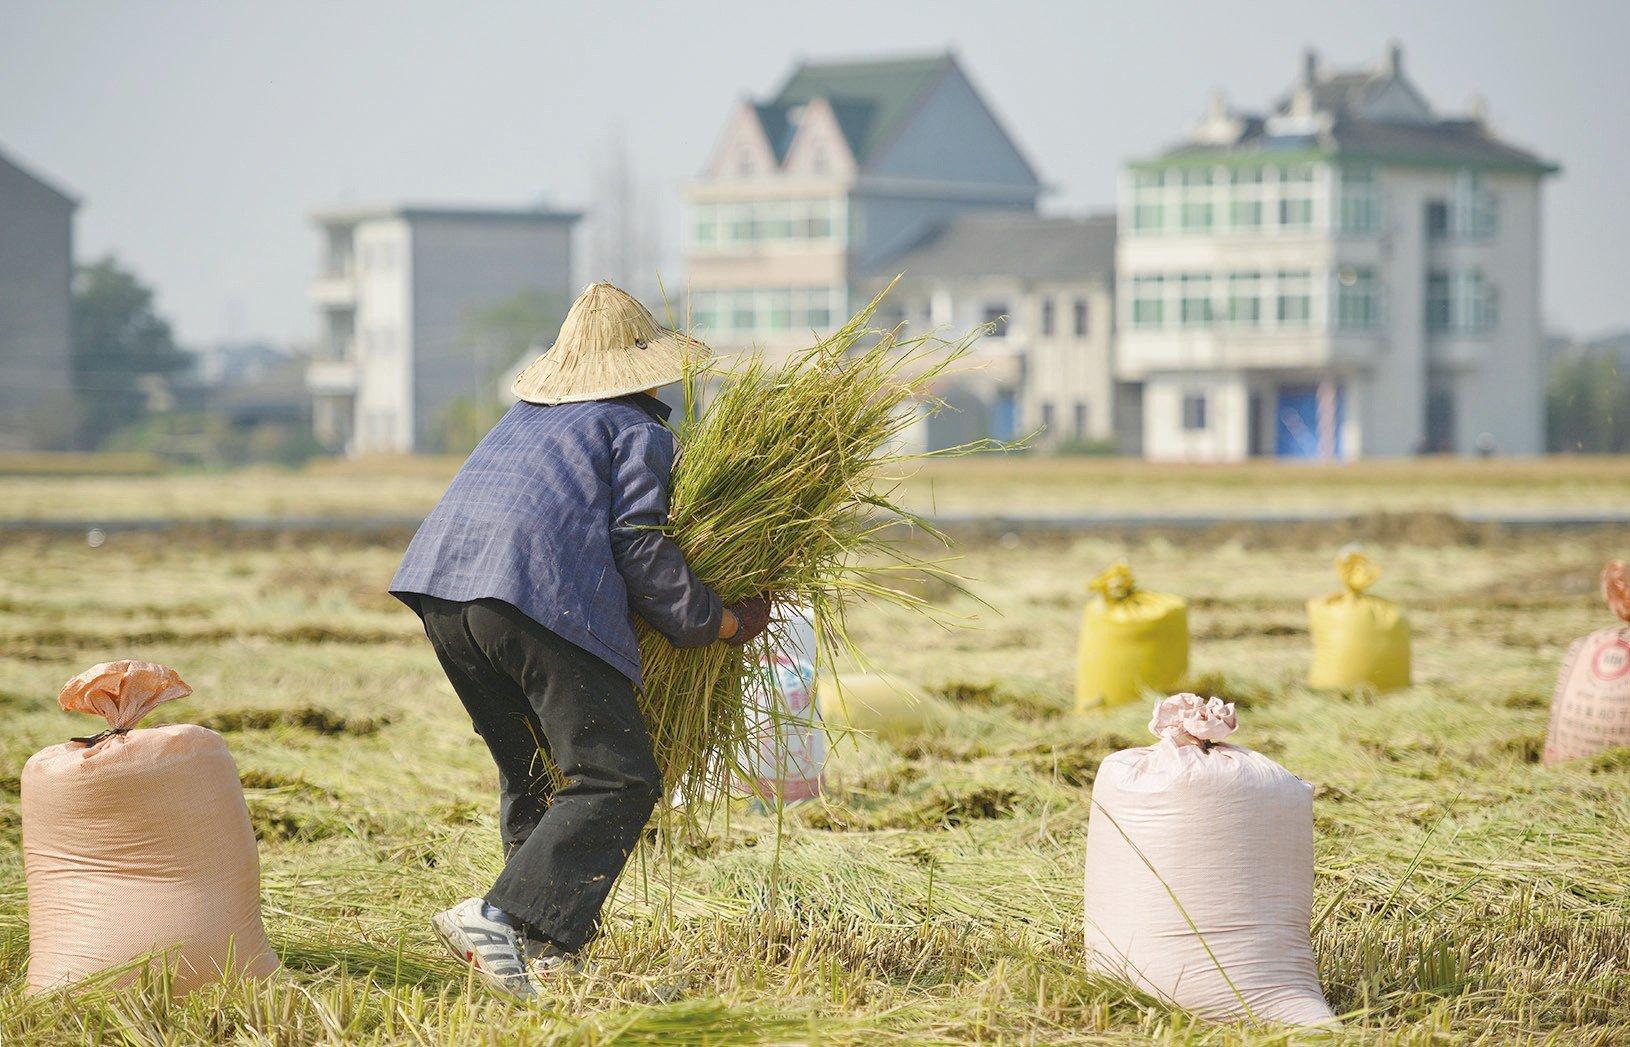 中共肺炎的影響下,多國自保禁糧食出口,中國或將爆發糧食危機。(Getty Images)